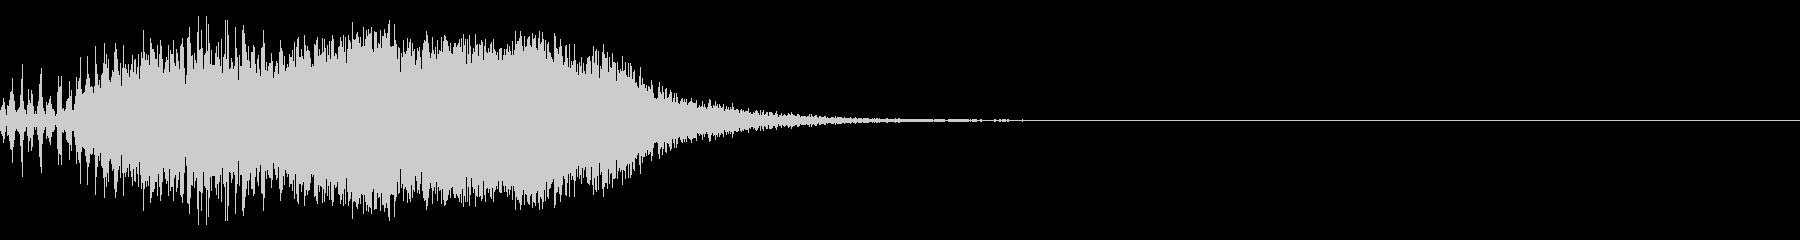 スパーク音-07の未再生の波形